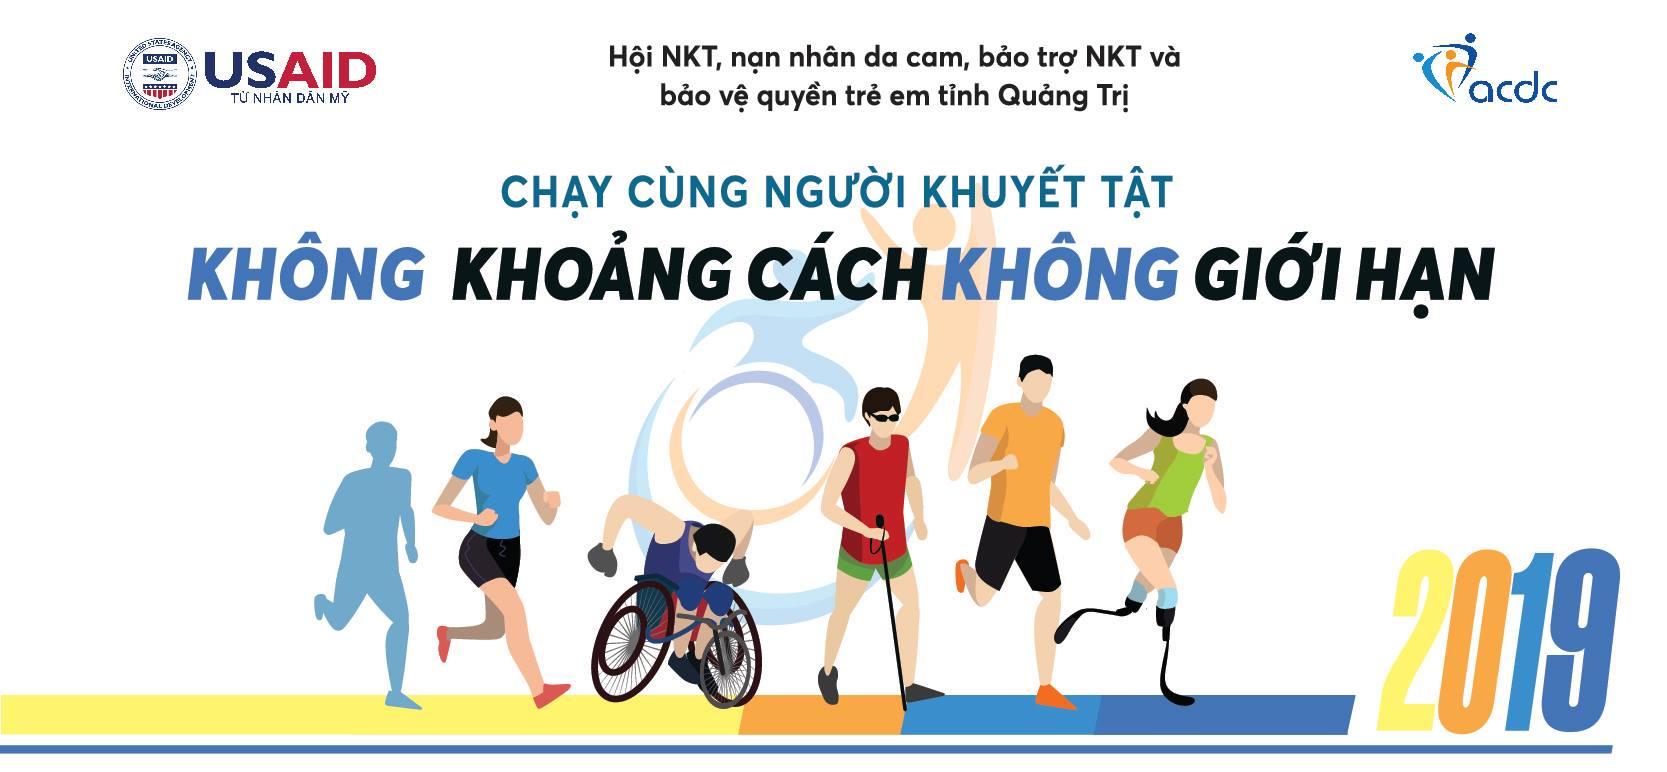 """600 vận động viên """"Chạy cùng người khuyết tật 2019"""" gây quỹ gần 300 triệu đồng"""